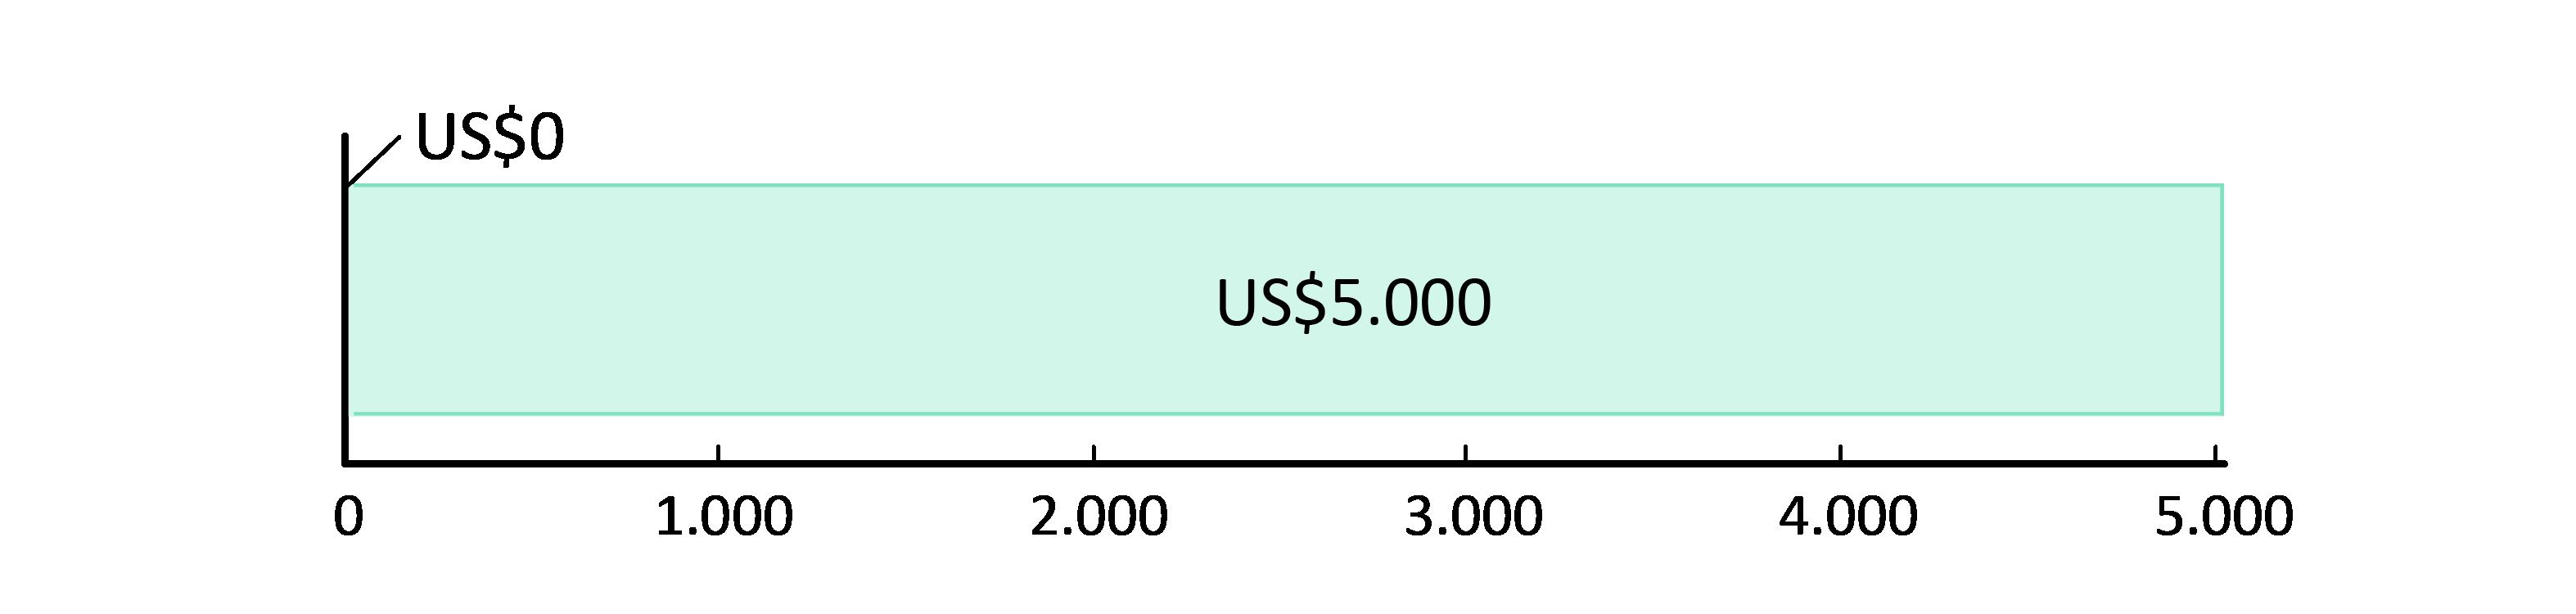 US$0 gastos; US$5.000,00 em caixa